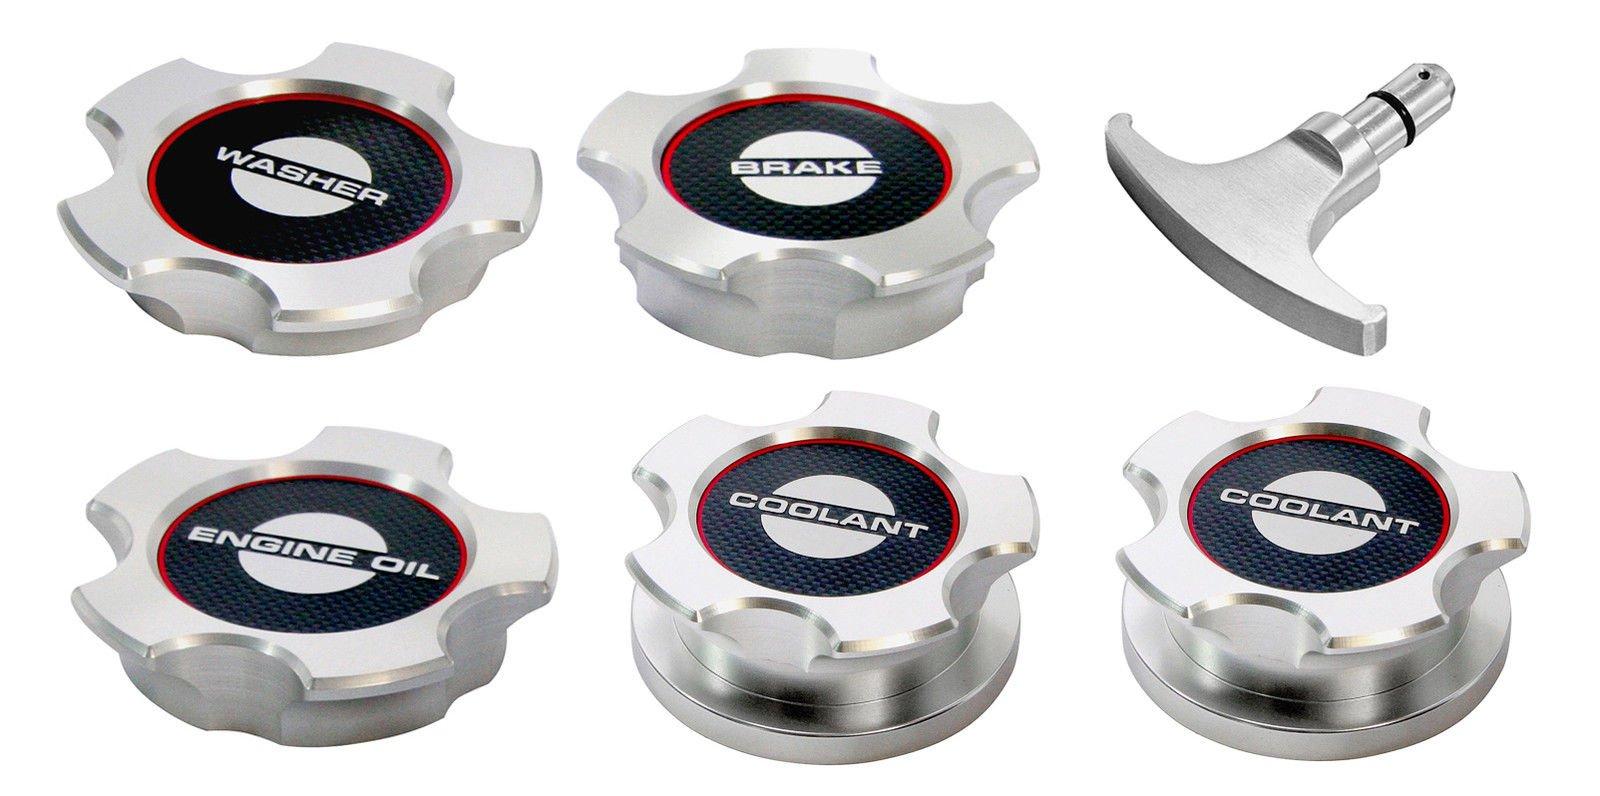 2011 2012 Shelby GT500 Billet Aluminum Engine Caps Set - Carbon Fiber Labels